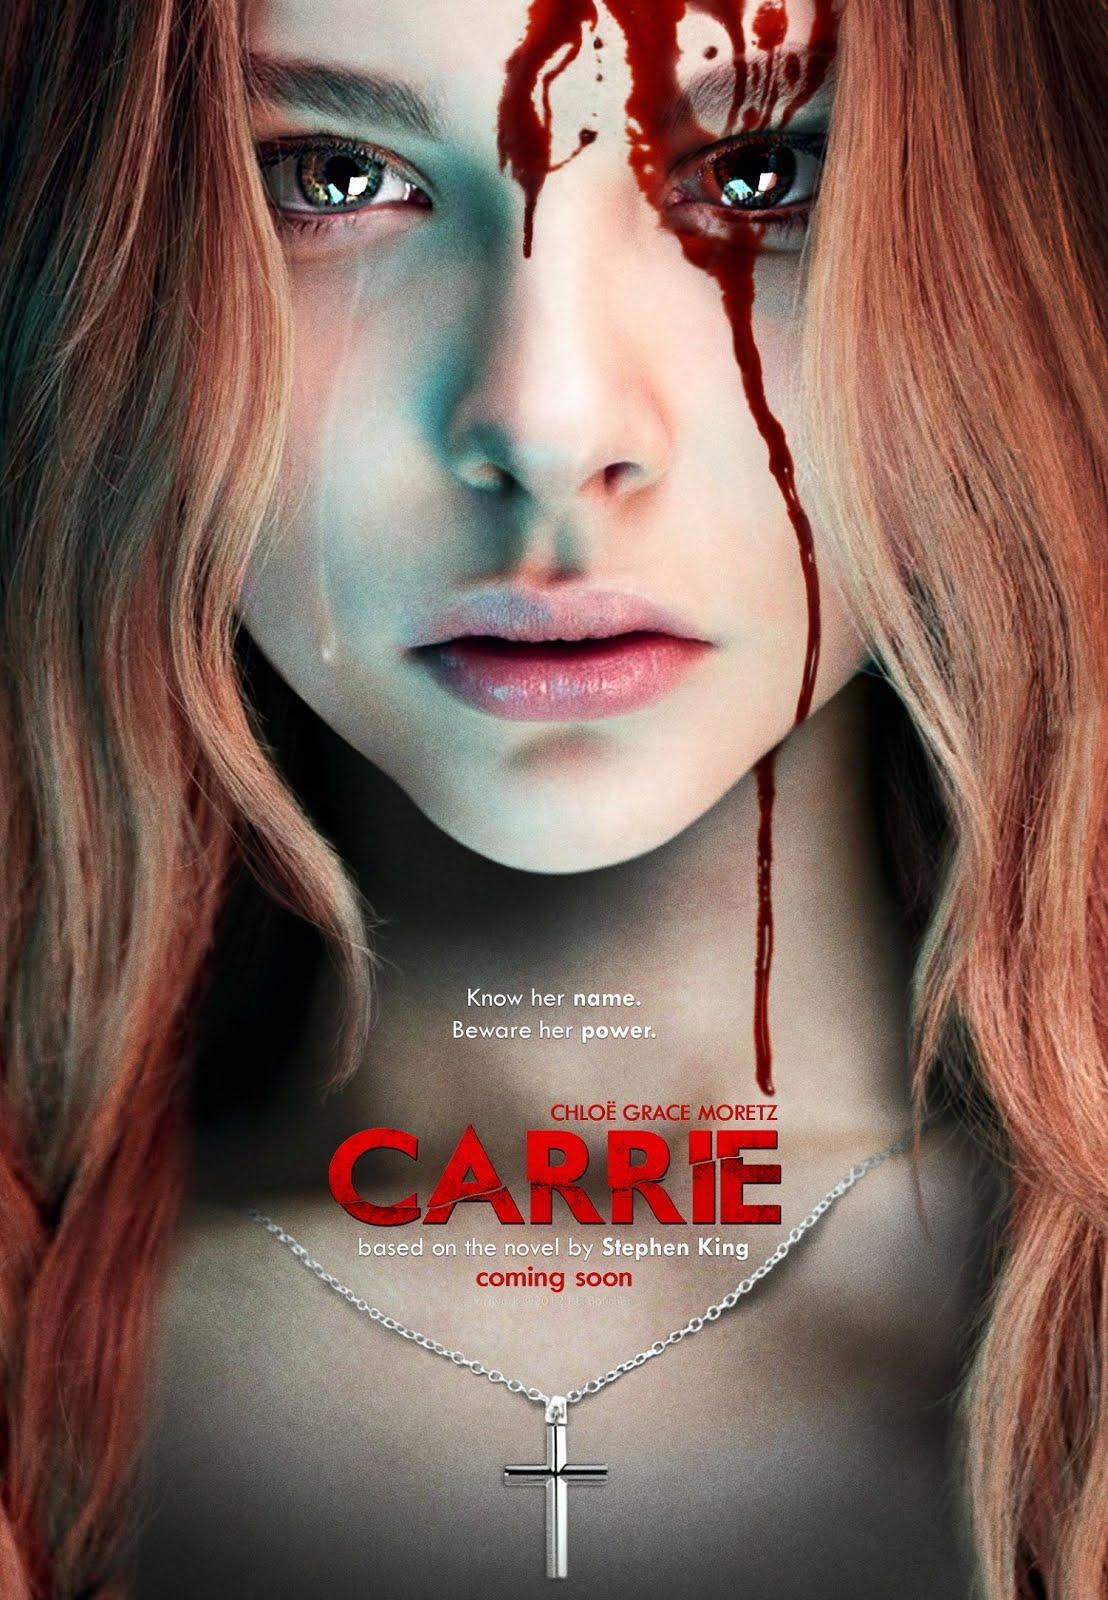 Cinema e scene dei film - Pagina 3 Carrie-poster-2013-locandina